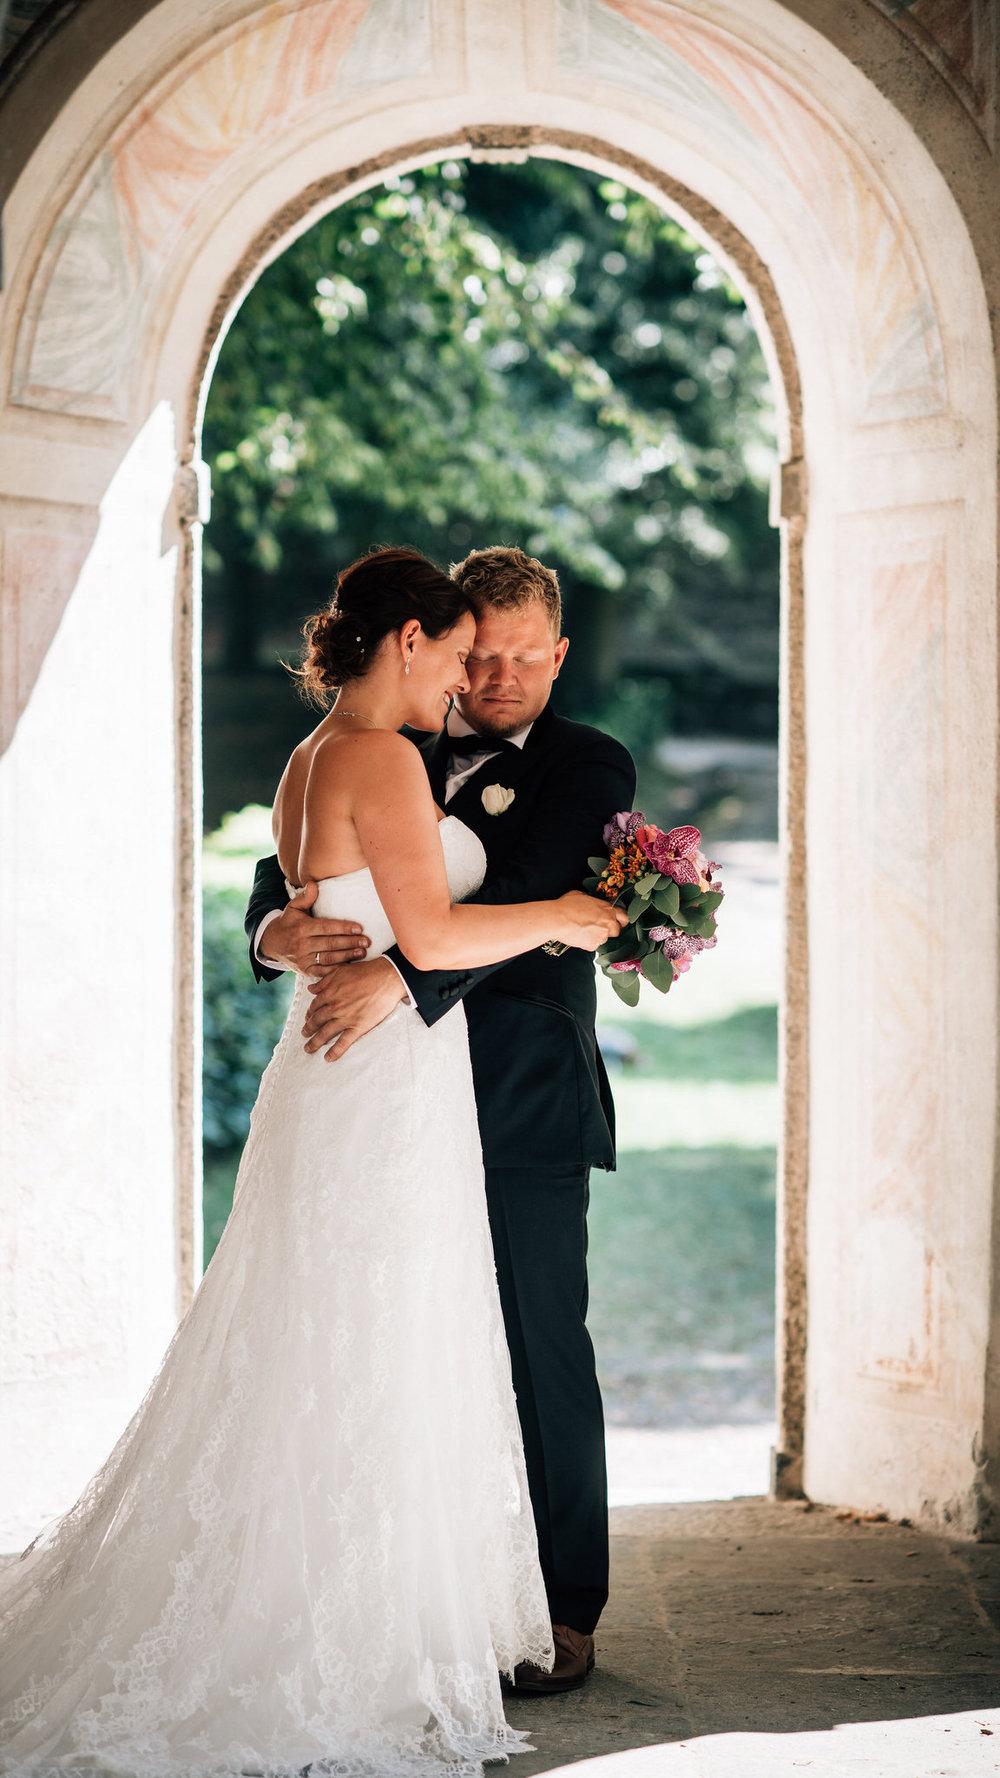 _N854939-fotograf-italia-bryllup.jpg